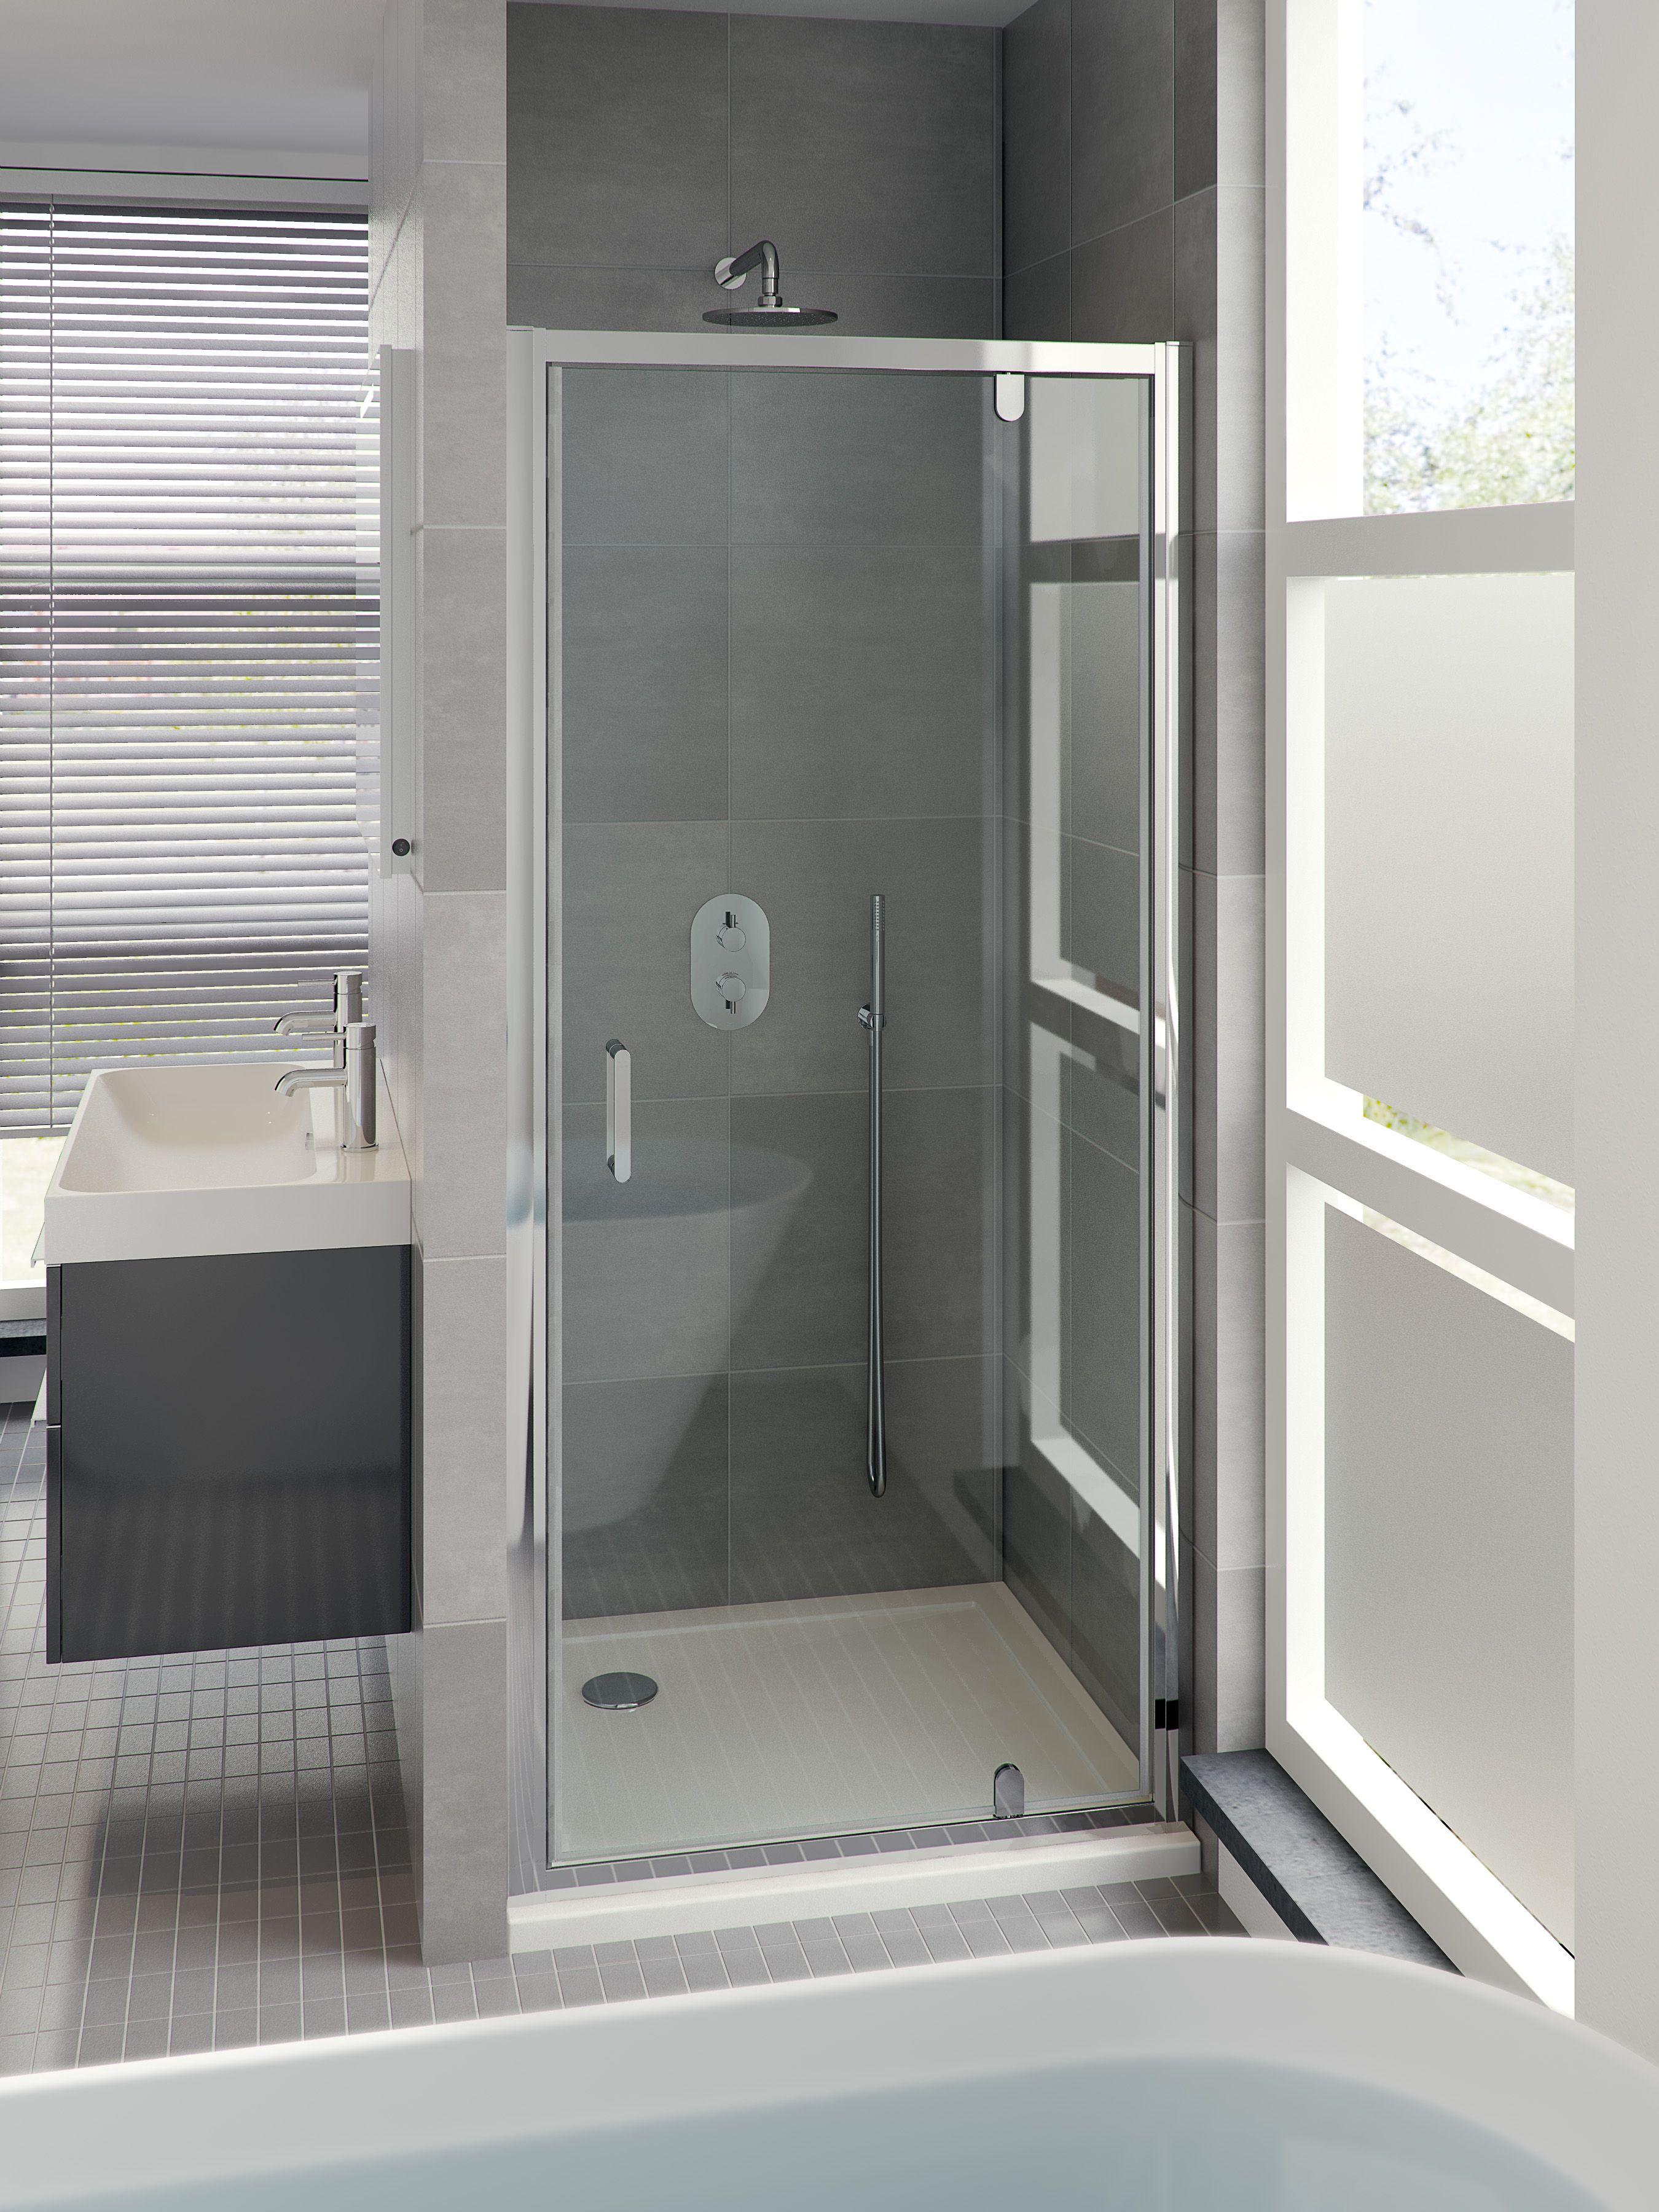 Bruynzeel Cilo douchedeur / badkamer idee / salle de bains ...